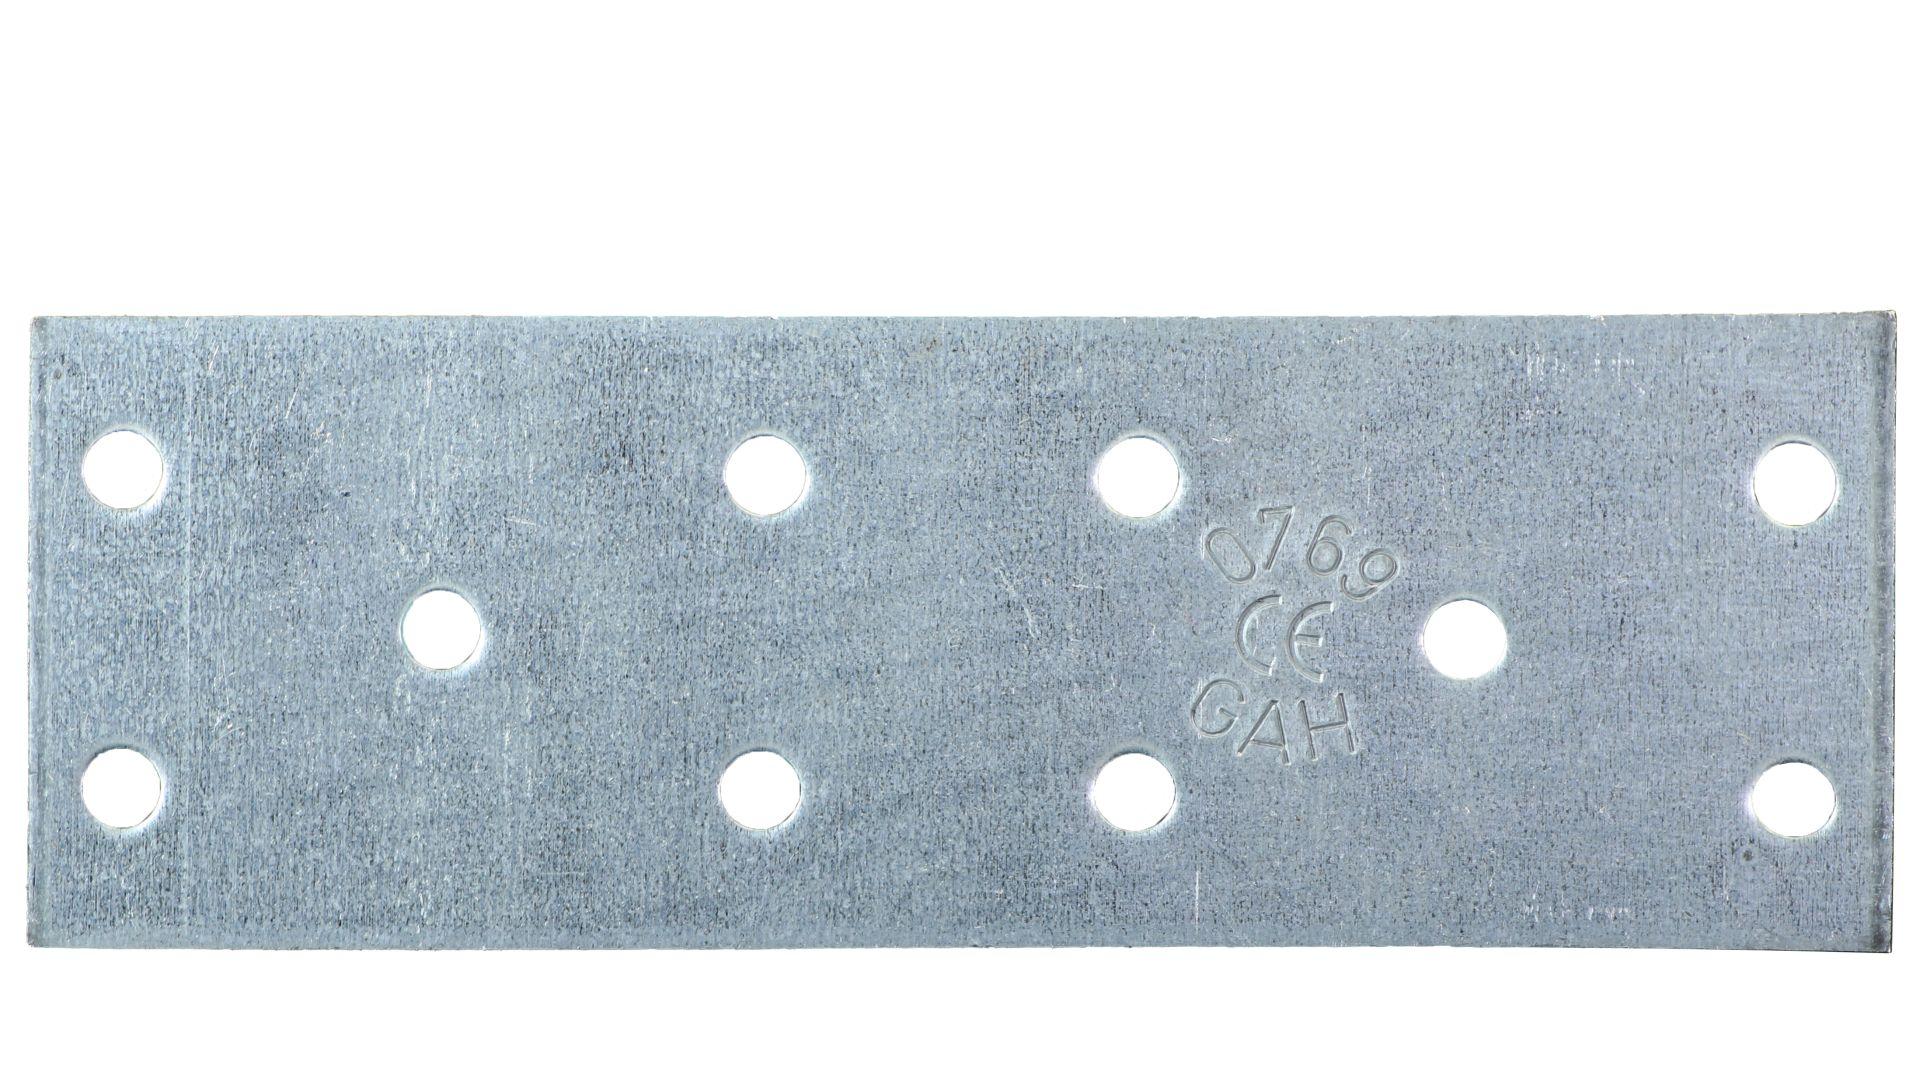 GAH Lochplatte, sendzimirverzinkt, 120 x 40 mm